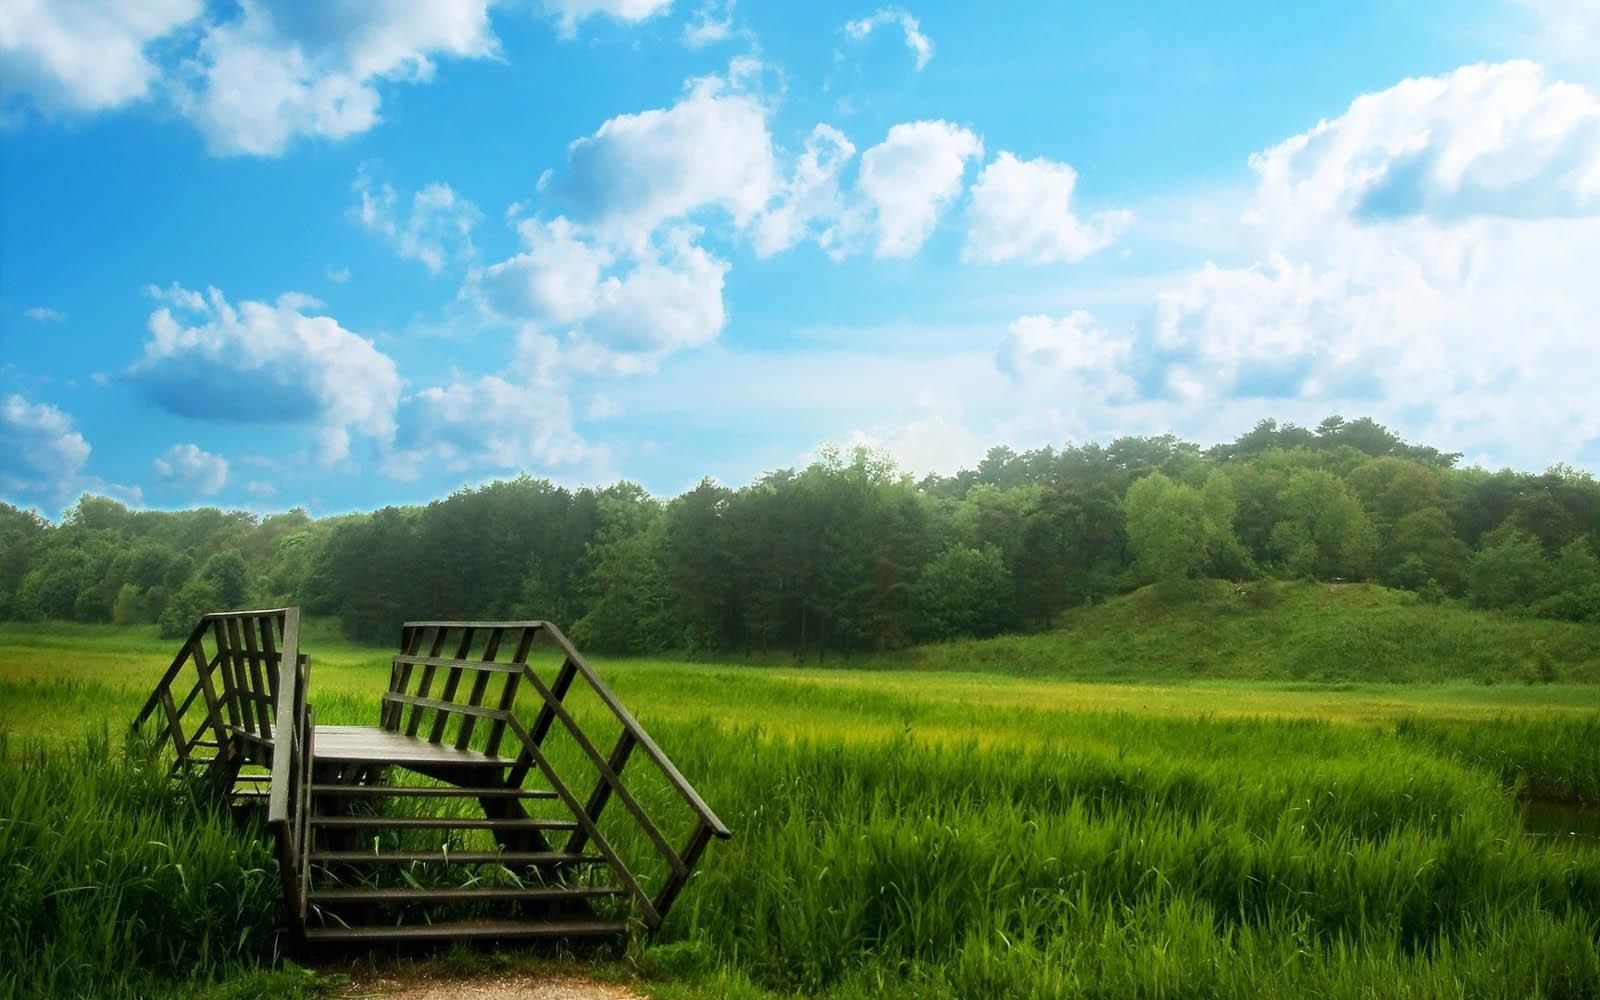 Desktop Wallpapers Peaceful Sceneries Desktop Backgrounds 1600x1000